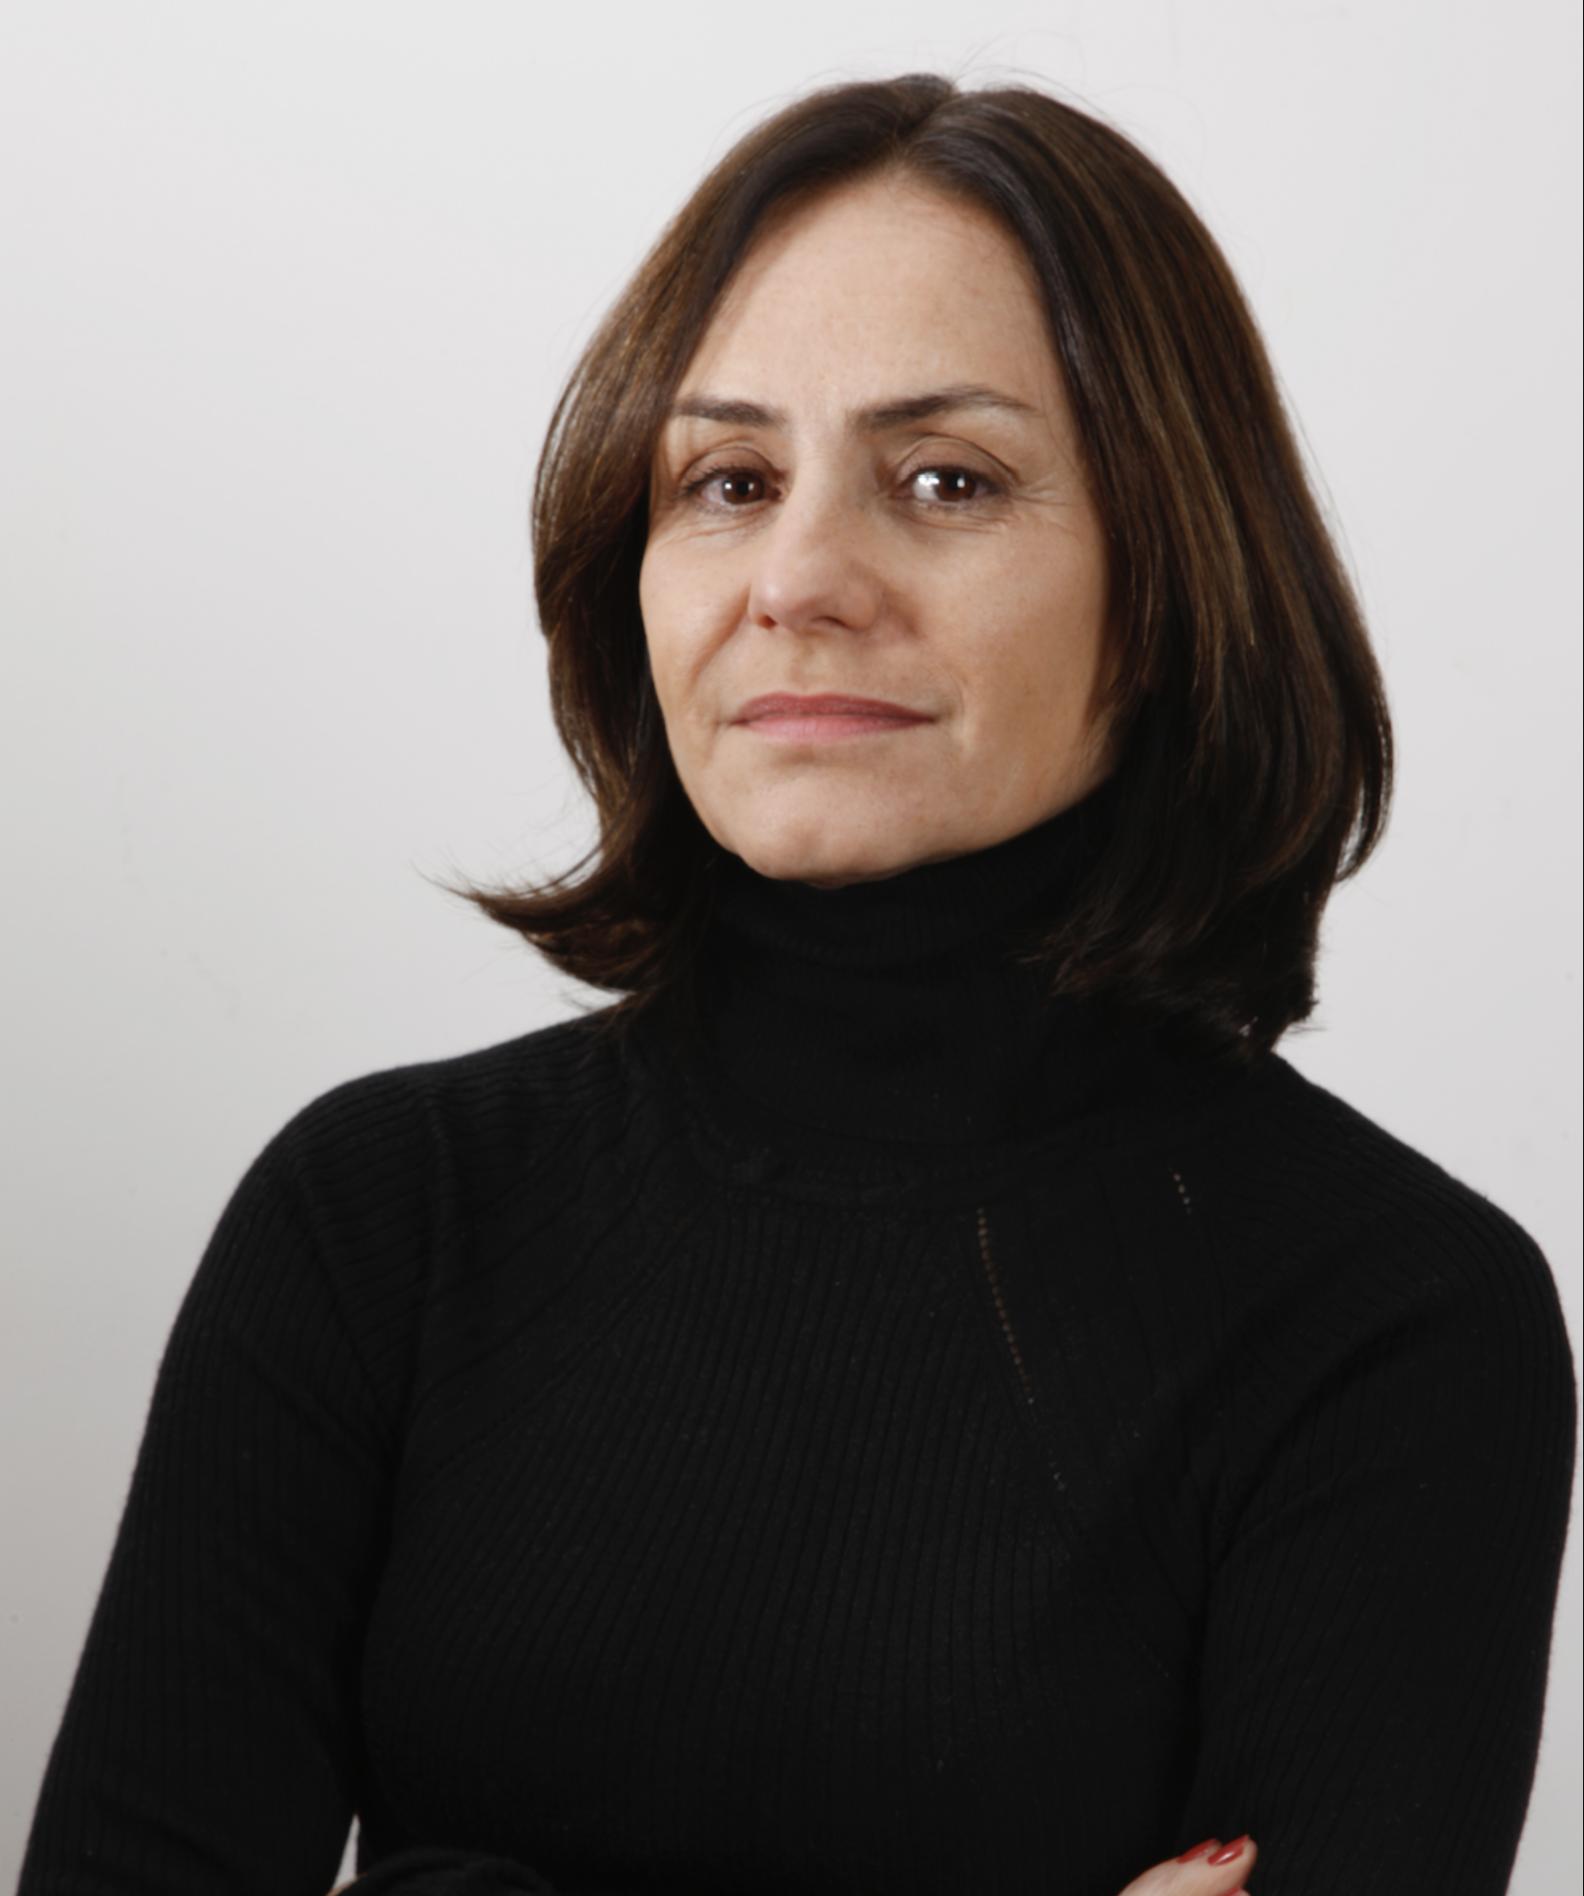 Claudia Jaguaribe